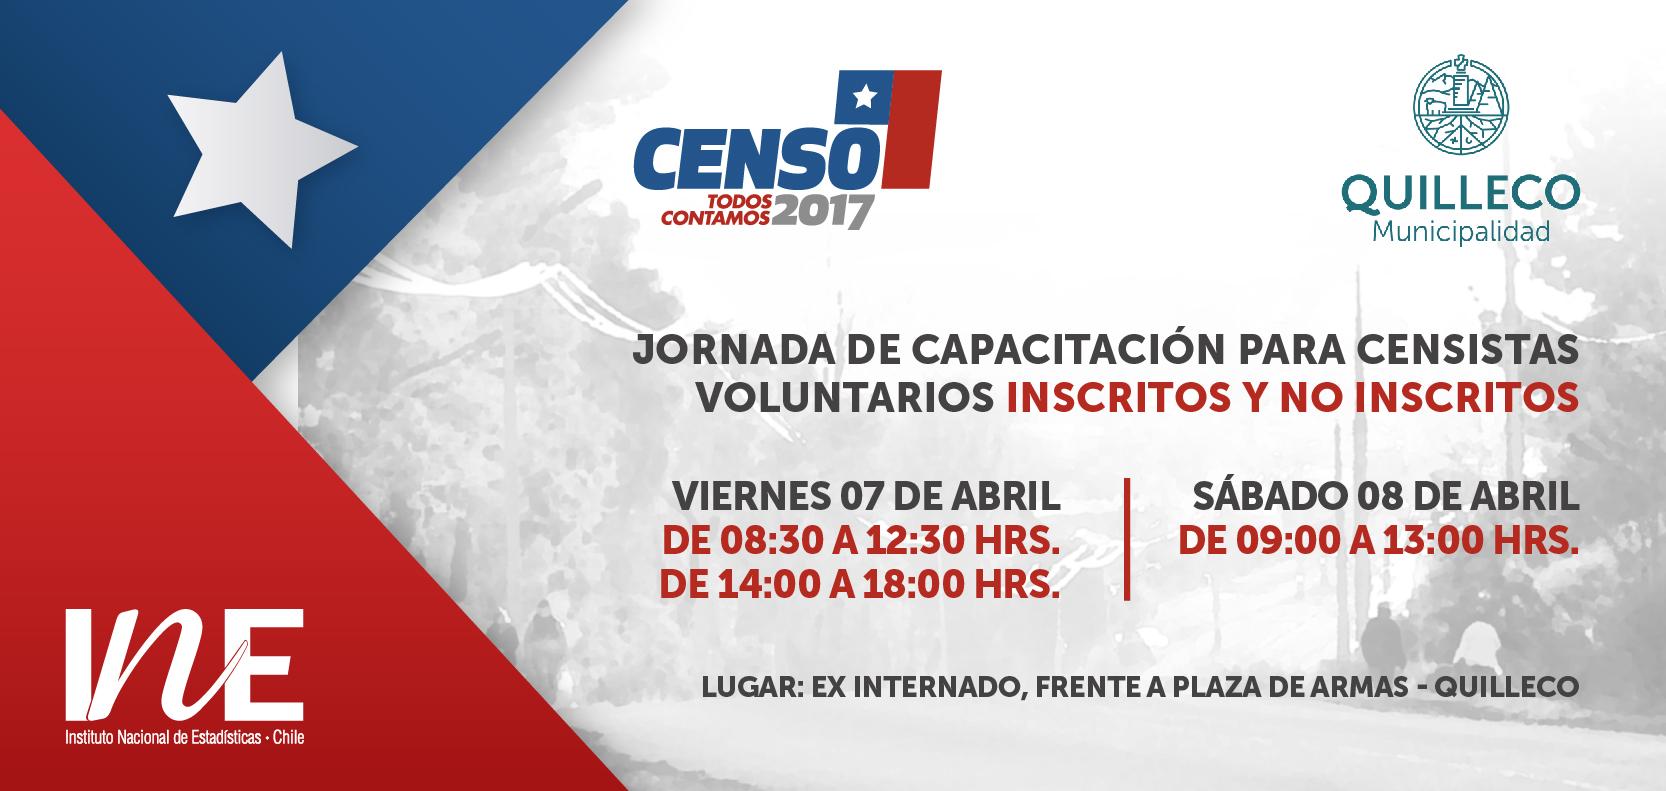 Jornadas de capacitación para censistas voluntarios.